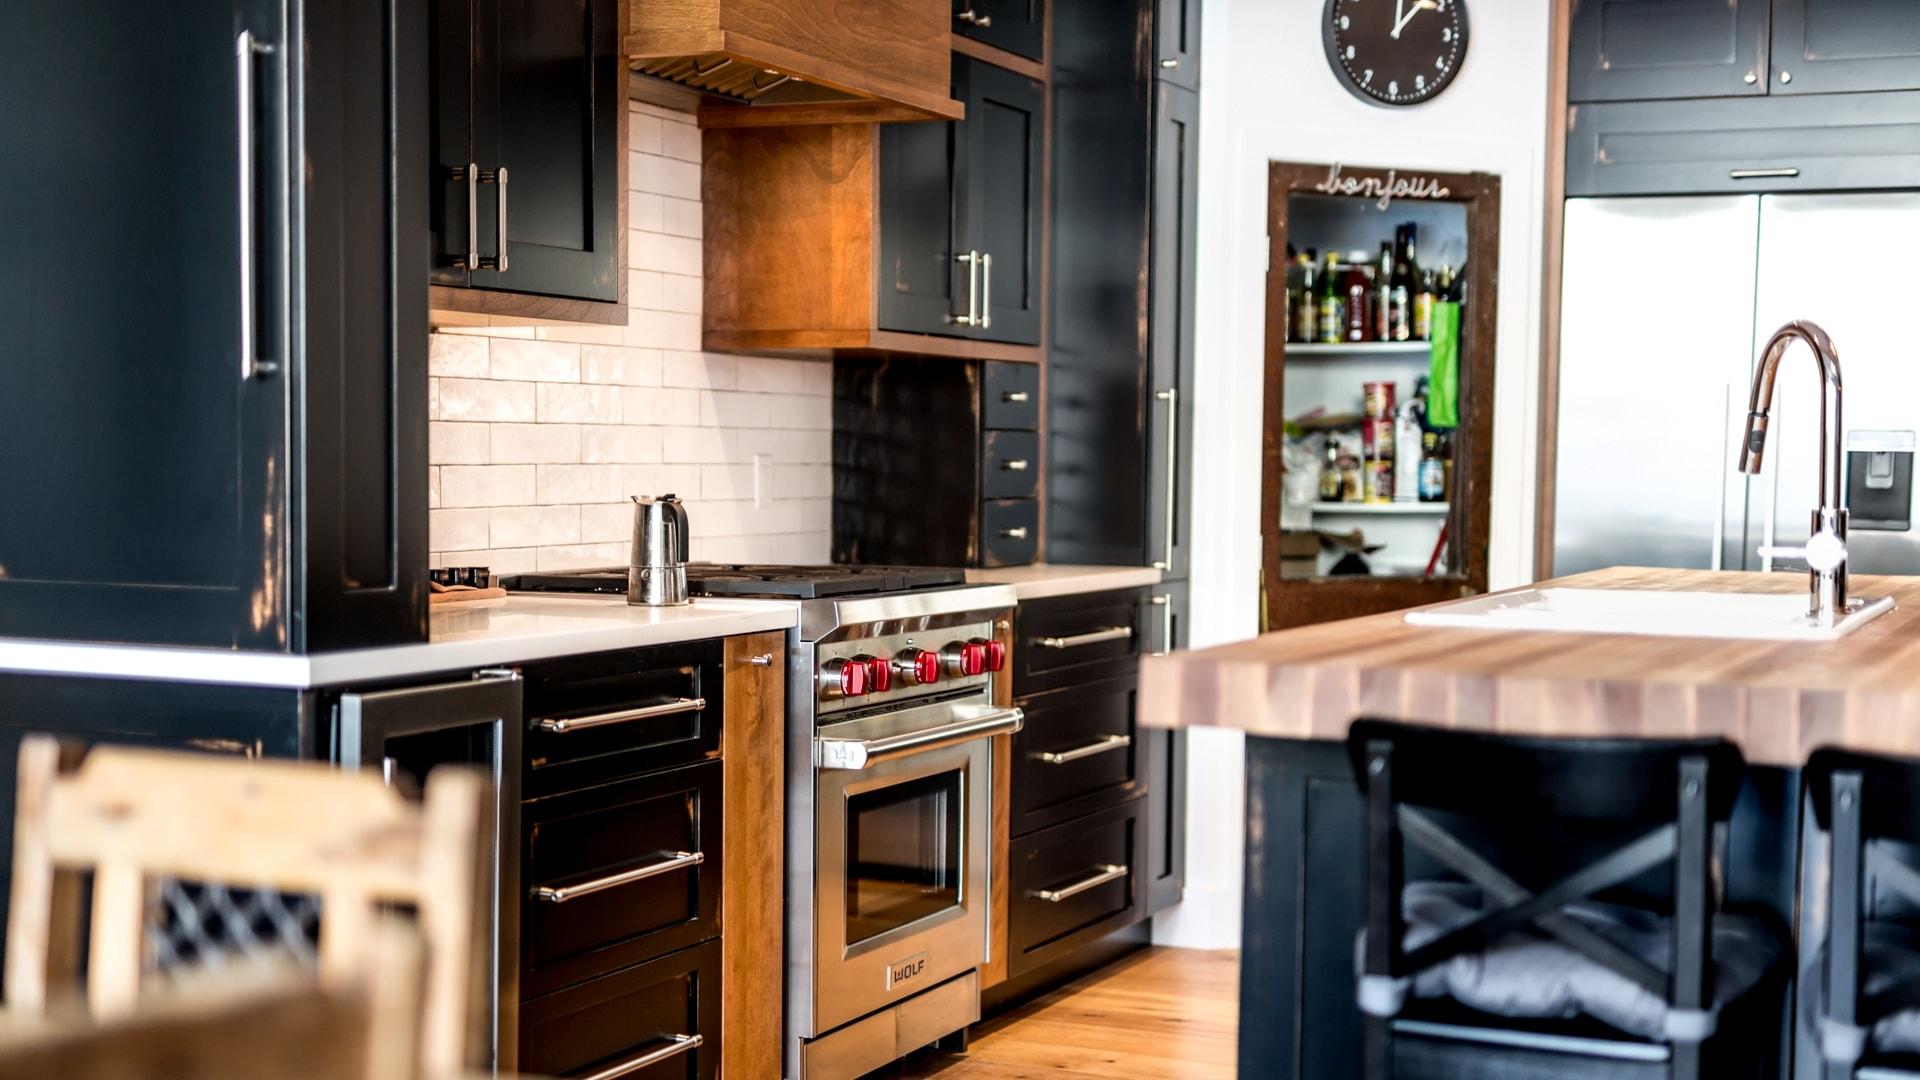 Cuisine de style urbain. La majorité des armoires sont en bois de différentes essences et textures pour donner du relief à l'ensemble.